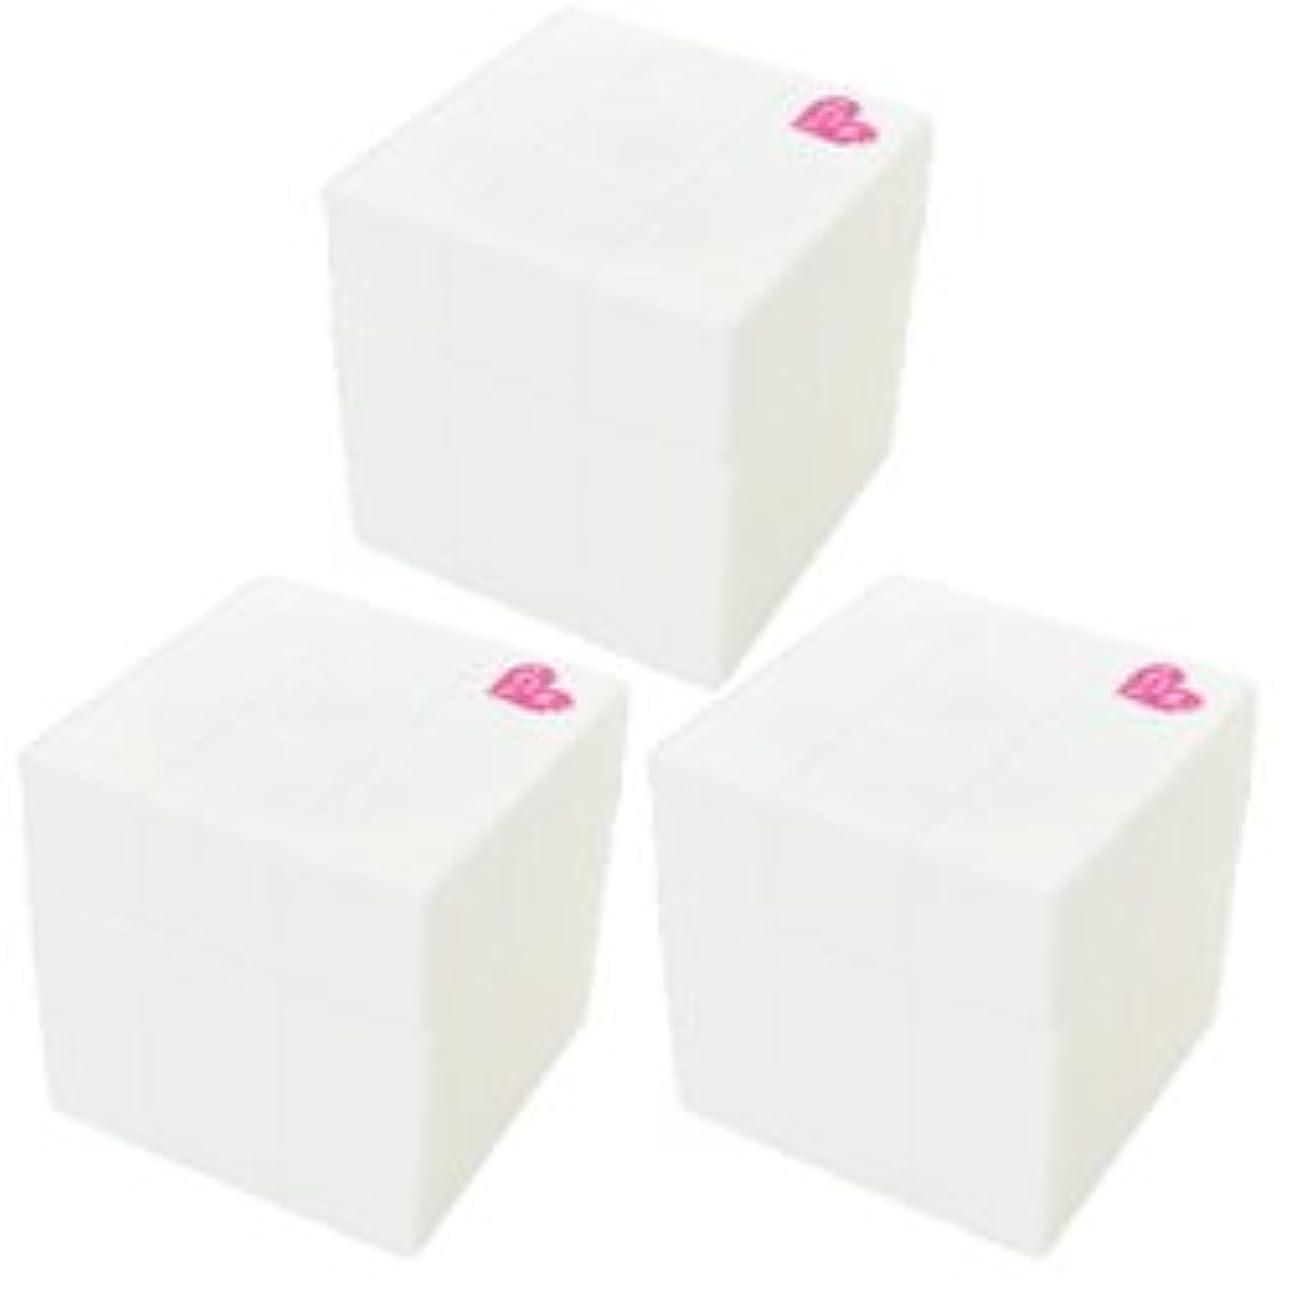 アリミノ ピース グロスワックス80g(ホワイト)3個セット